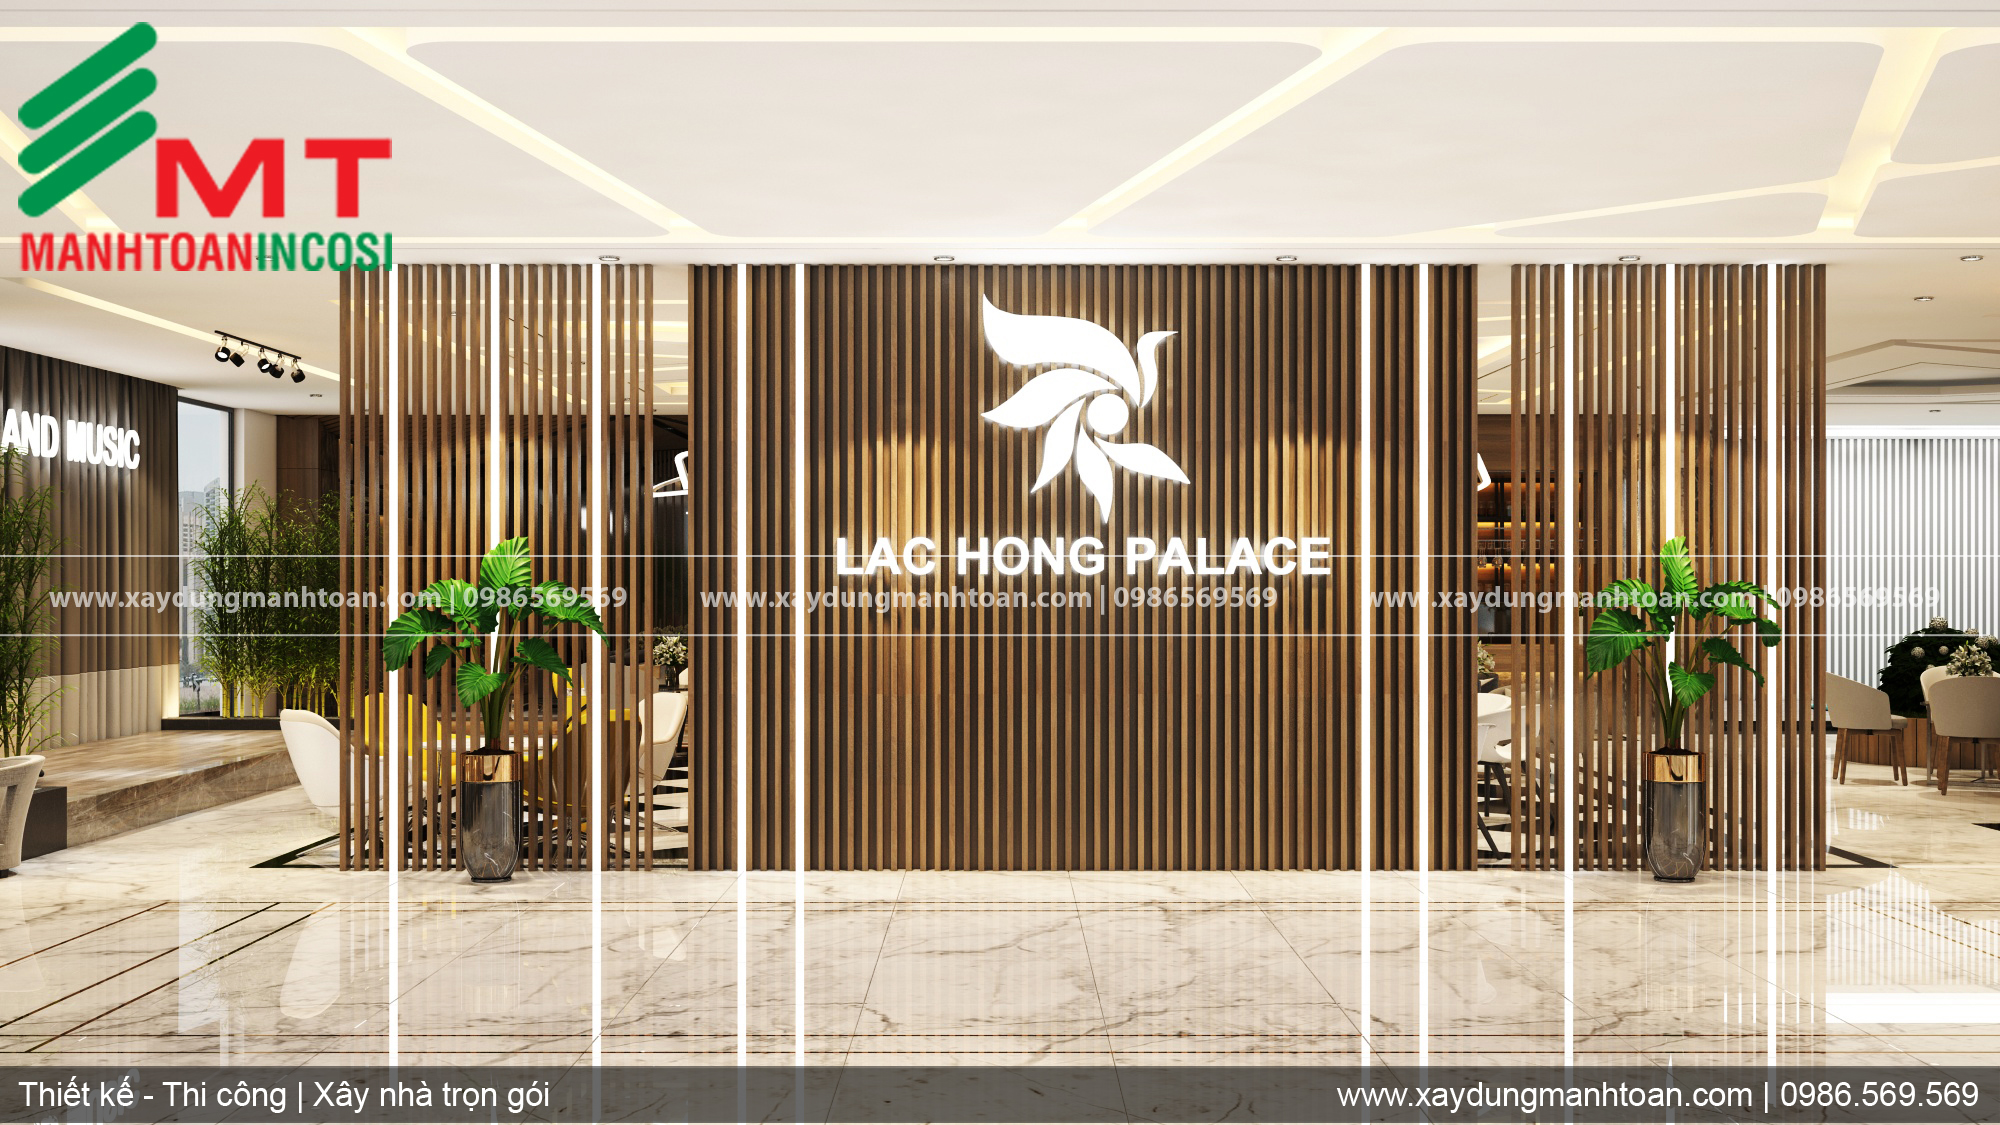 Tầng 1 coffe trung tâm tiệc cưới sự kiện Lạc Hồng, thiết kế nội thất trung tâm tiệc cưới, sự kiện